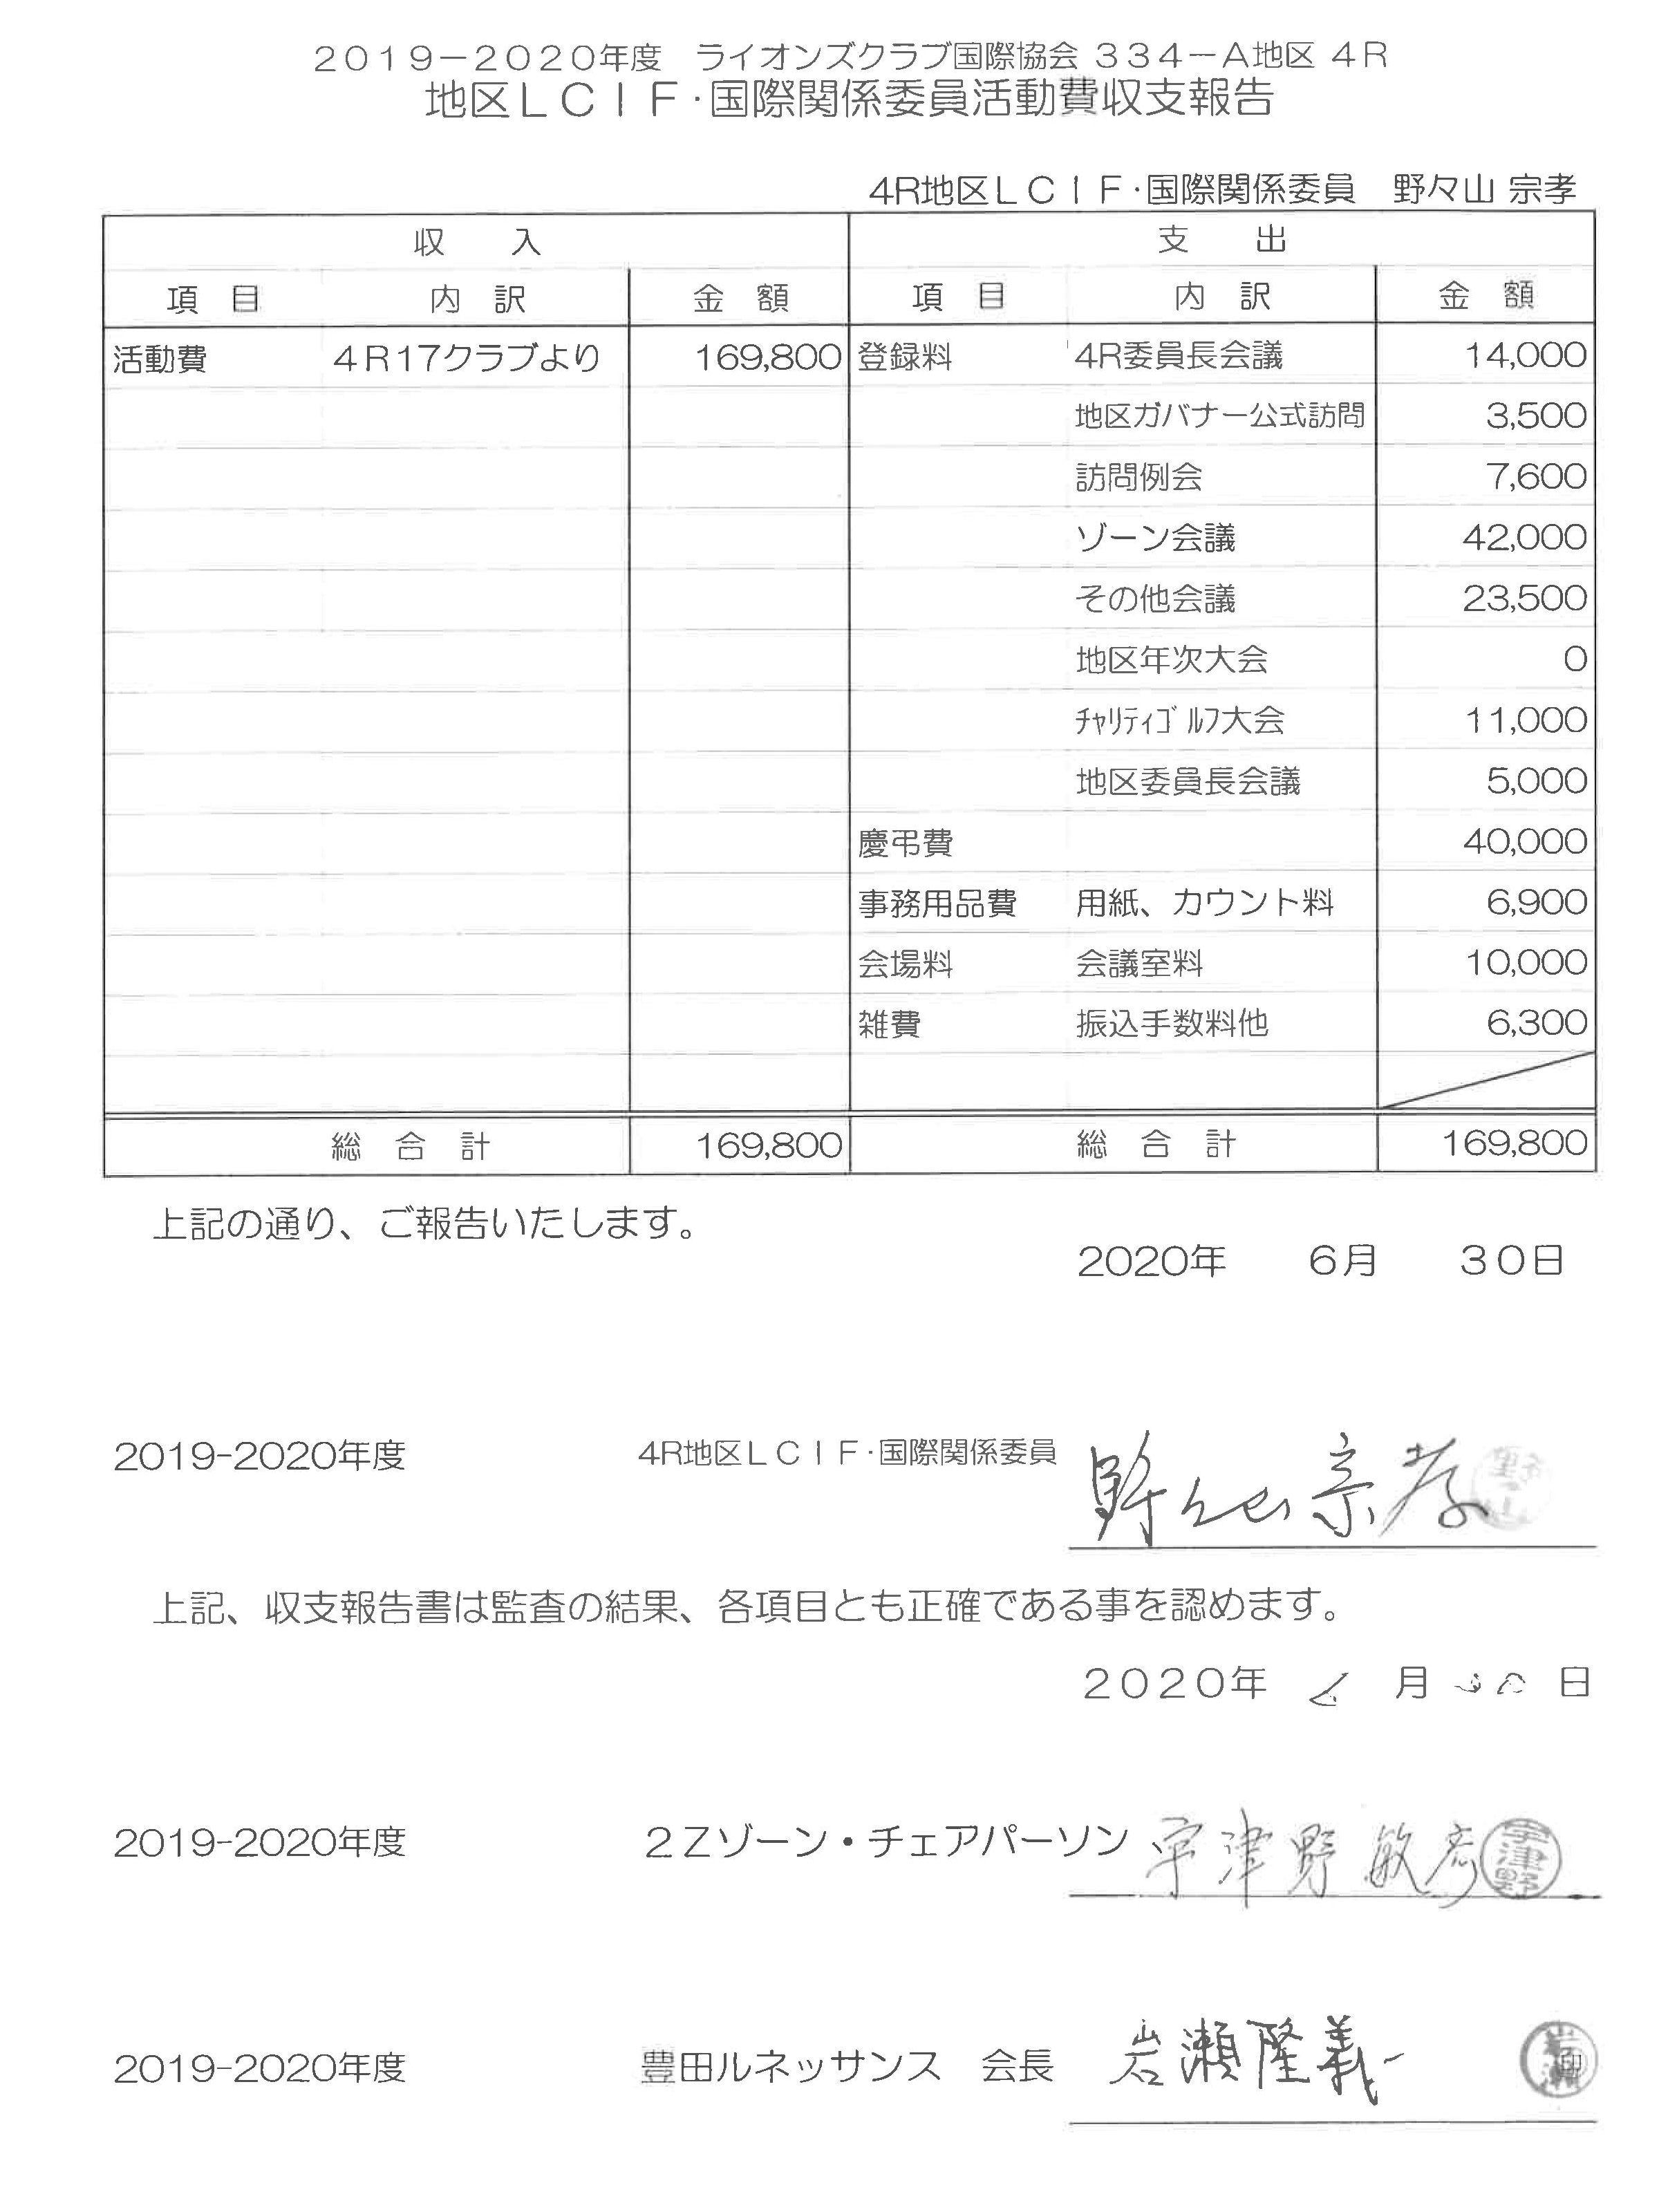 18 4R地区LCIF・国際関係委員活動費収支報告